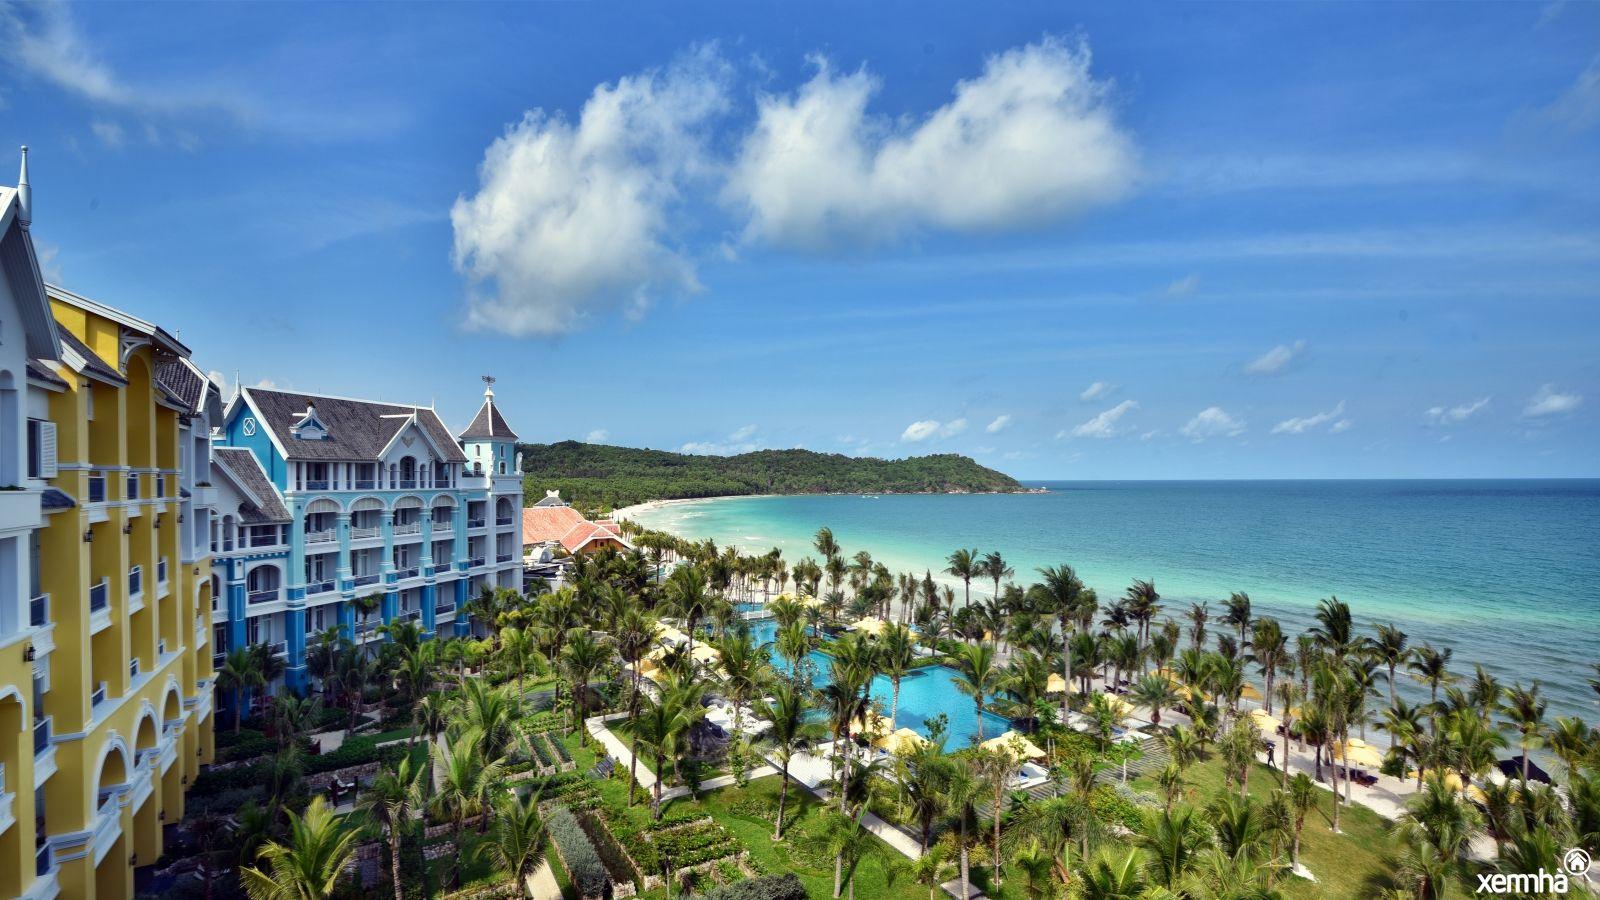 Khu nghỉ dưỡng JW Marriott tại Phú Quốc